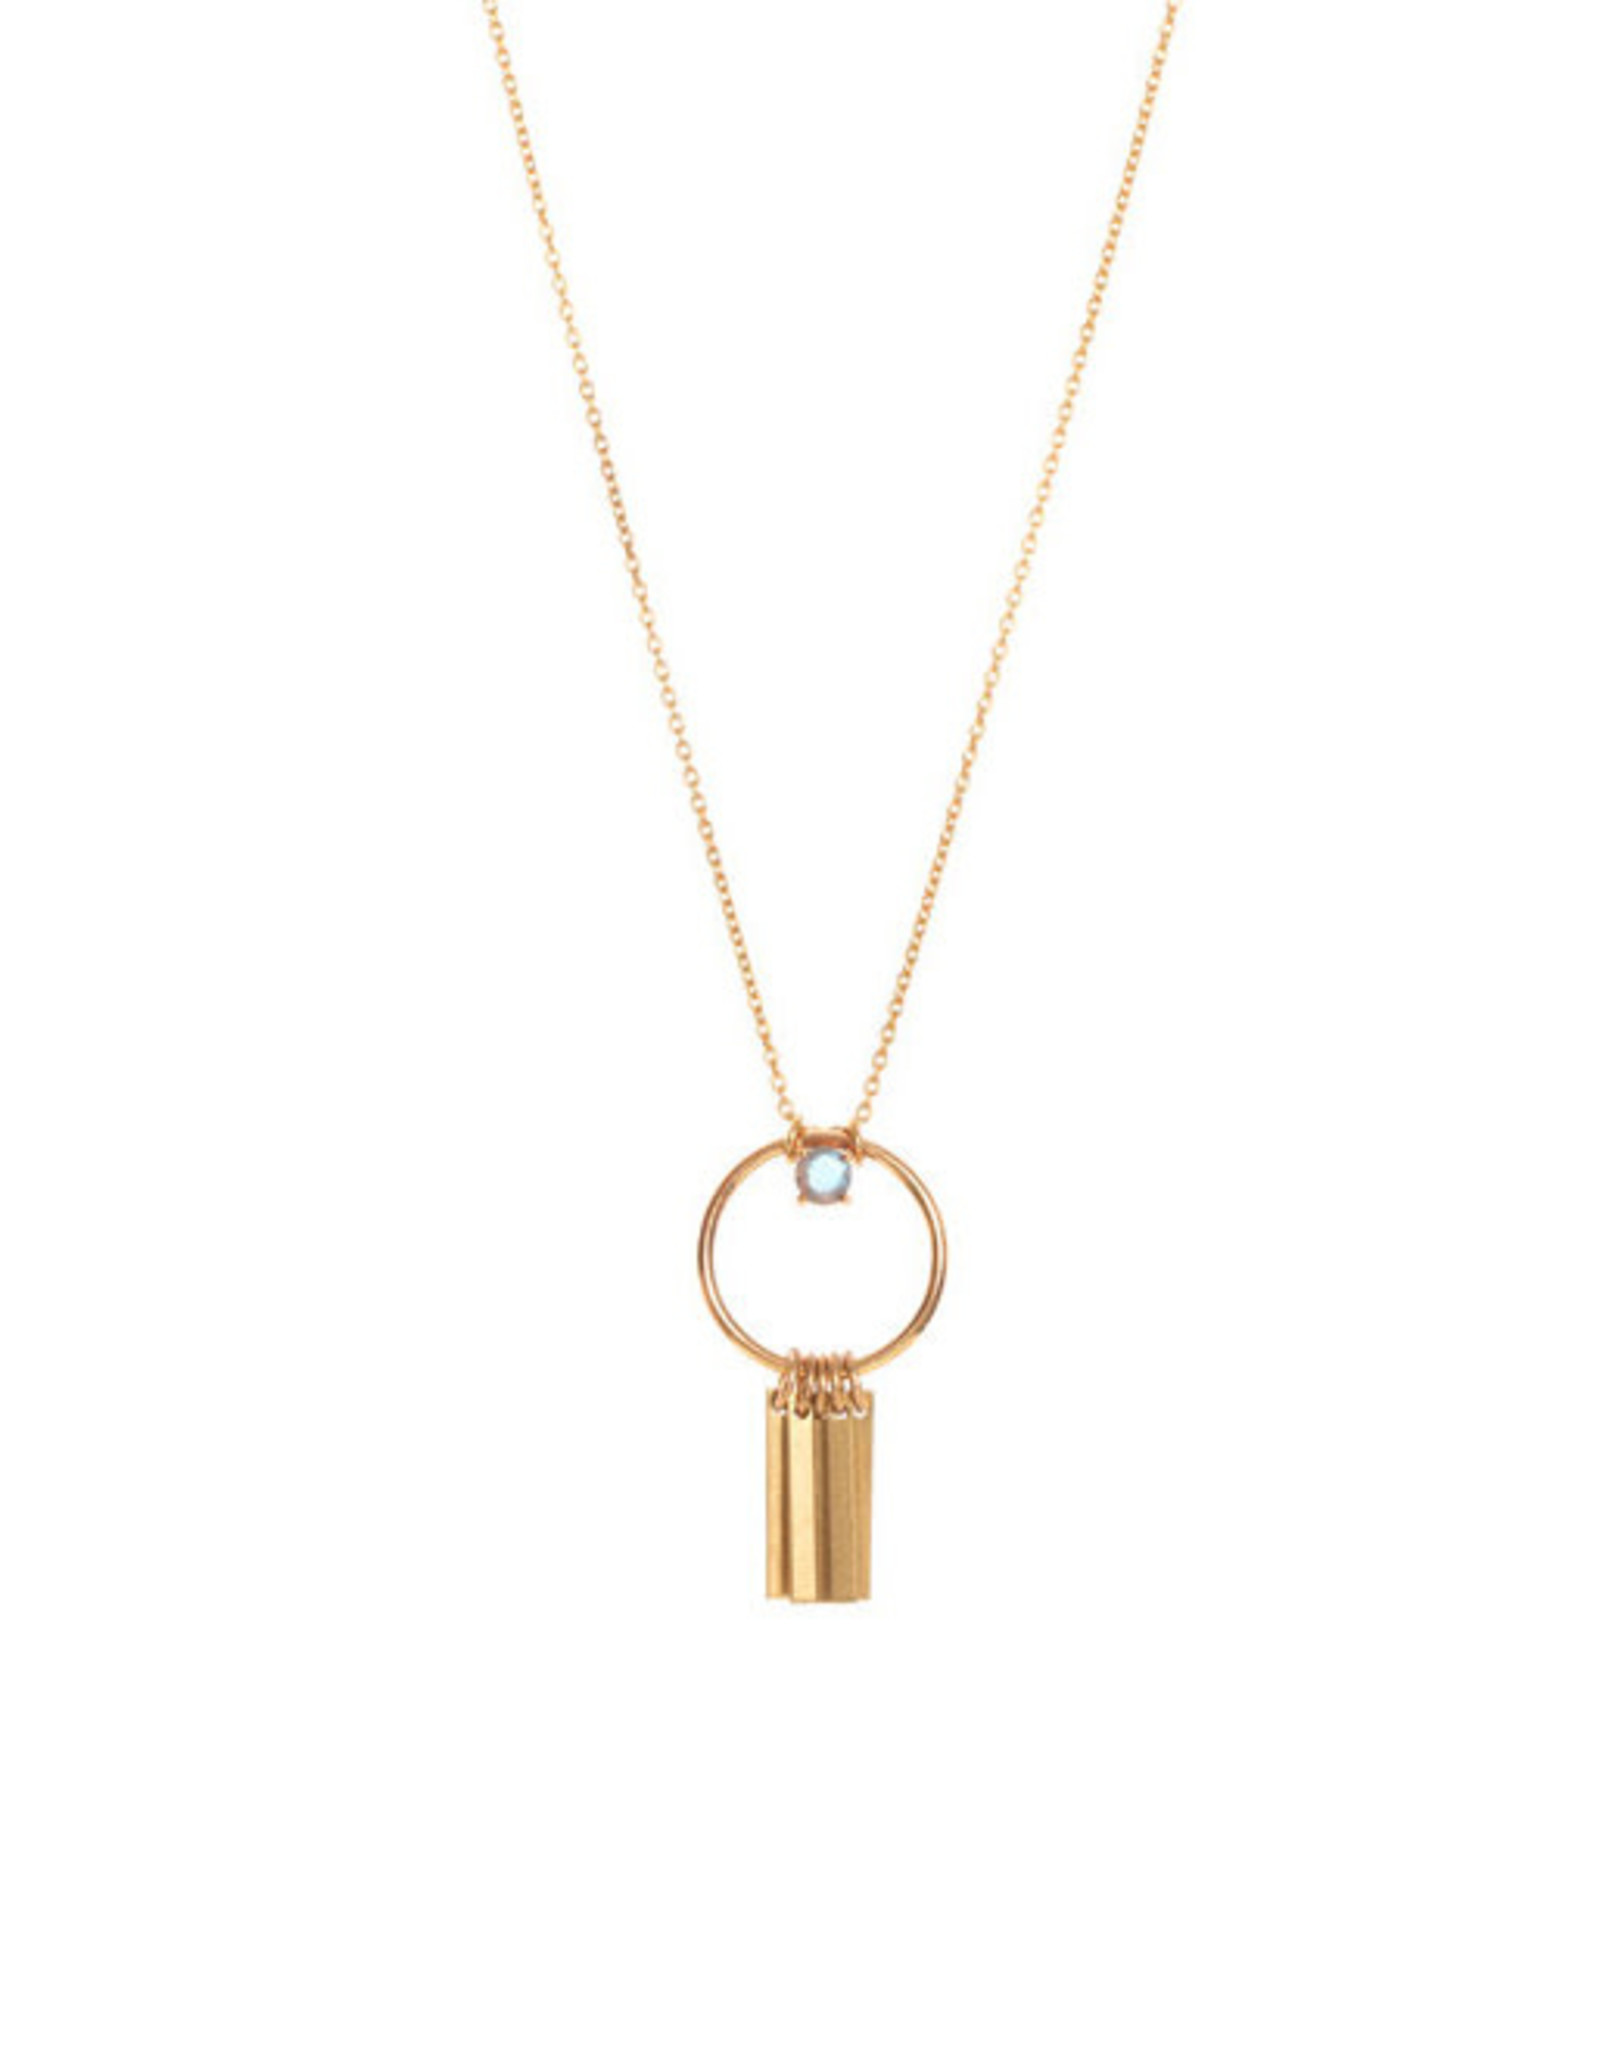 Hailey Gerrits Designs Arbutus Necklace - Labradorite